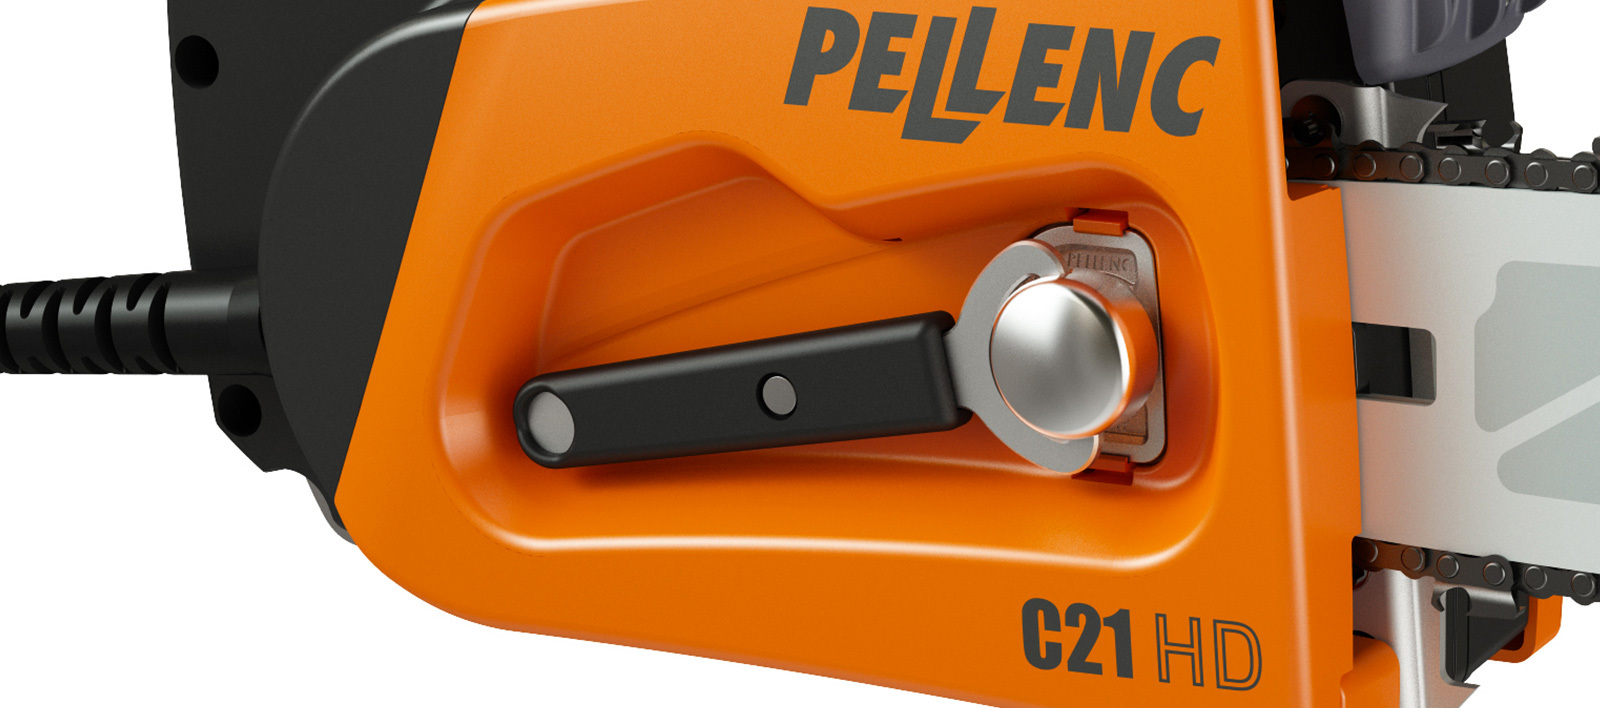 Электрическая пила PELLENC SELION C21 HD